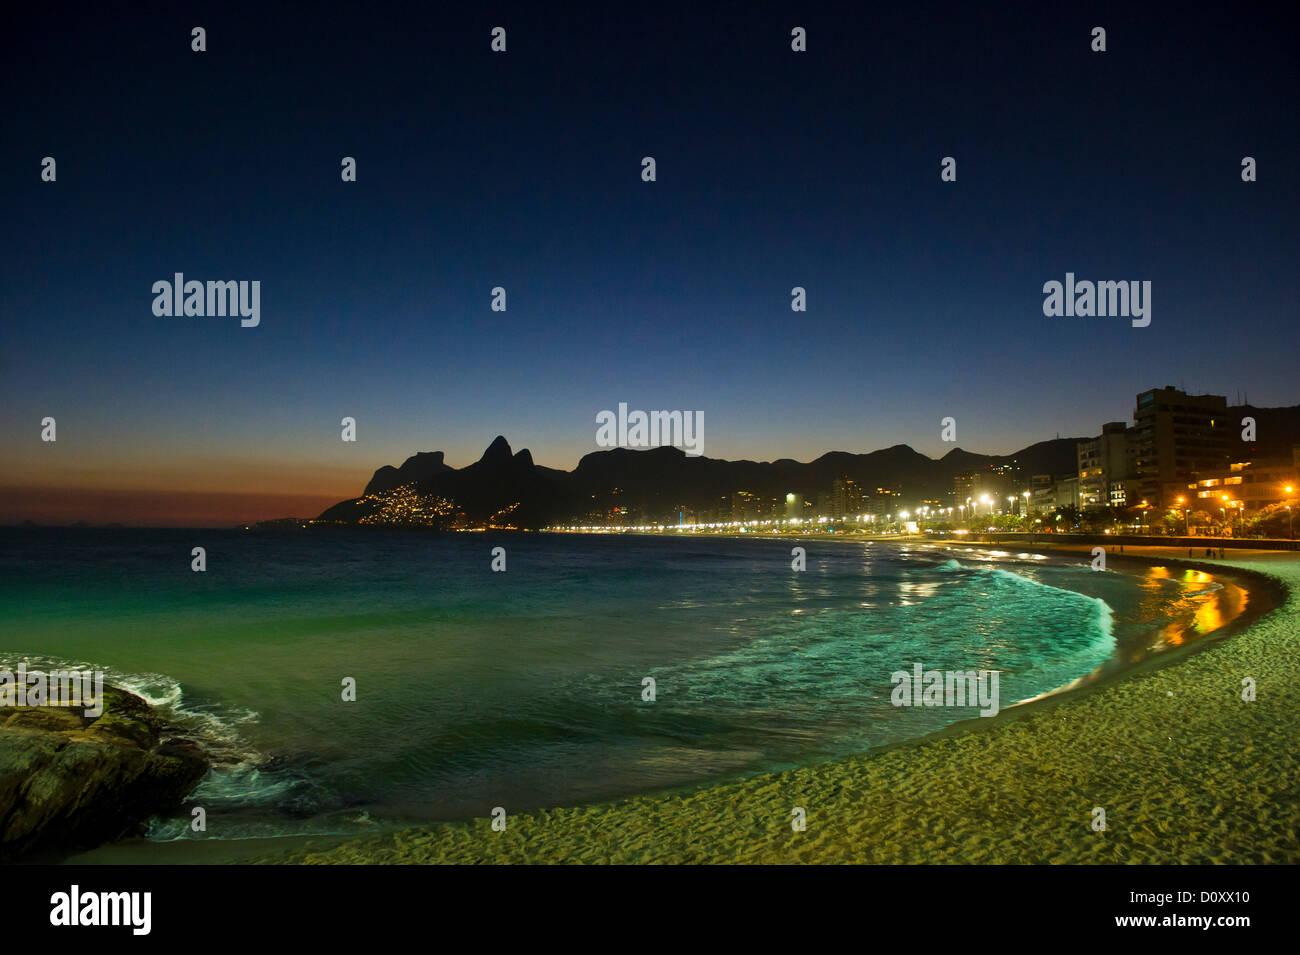 Ipanema beach at night, Rio de Janeiro, Brazil - Stock Image